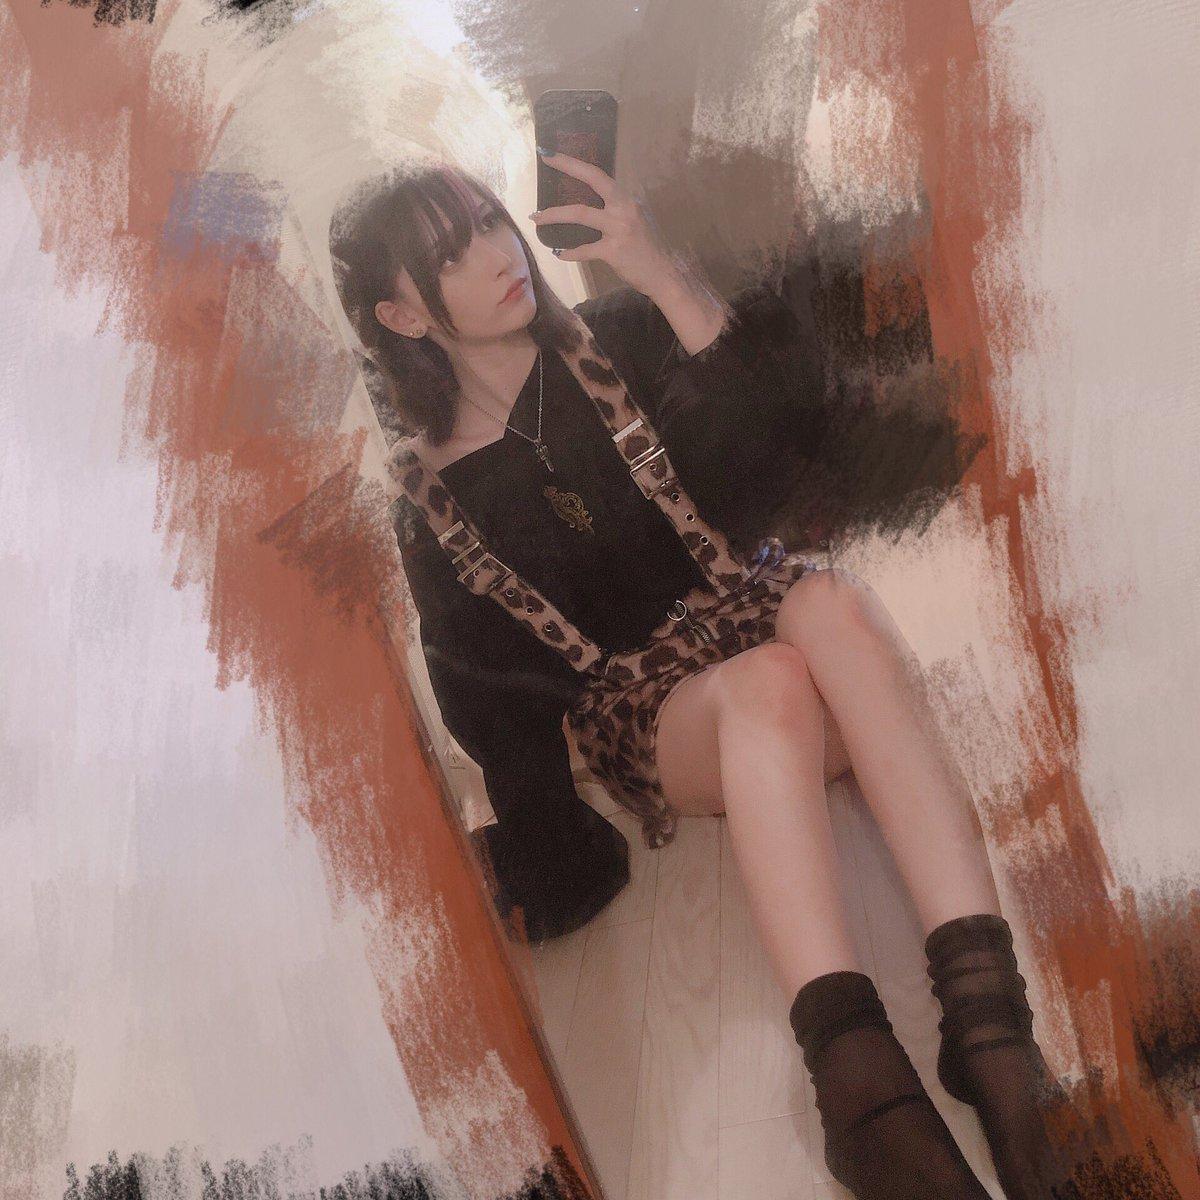 秋のお洋服可愛くて好きレオパードとパイソン